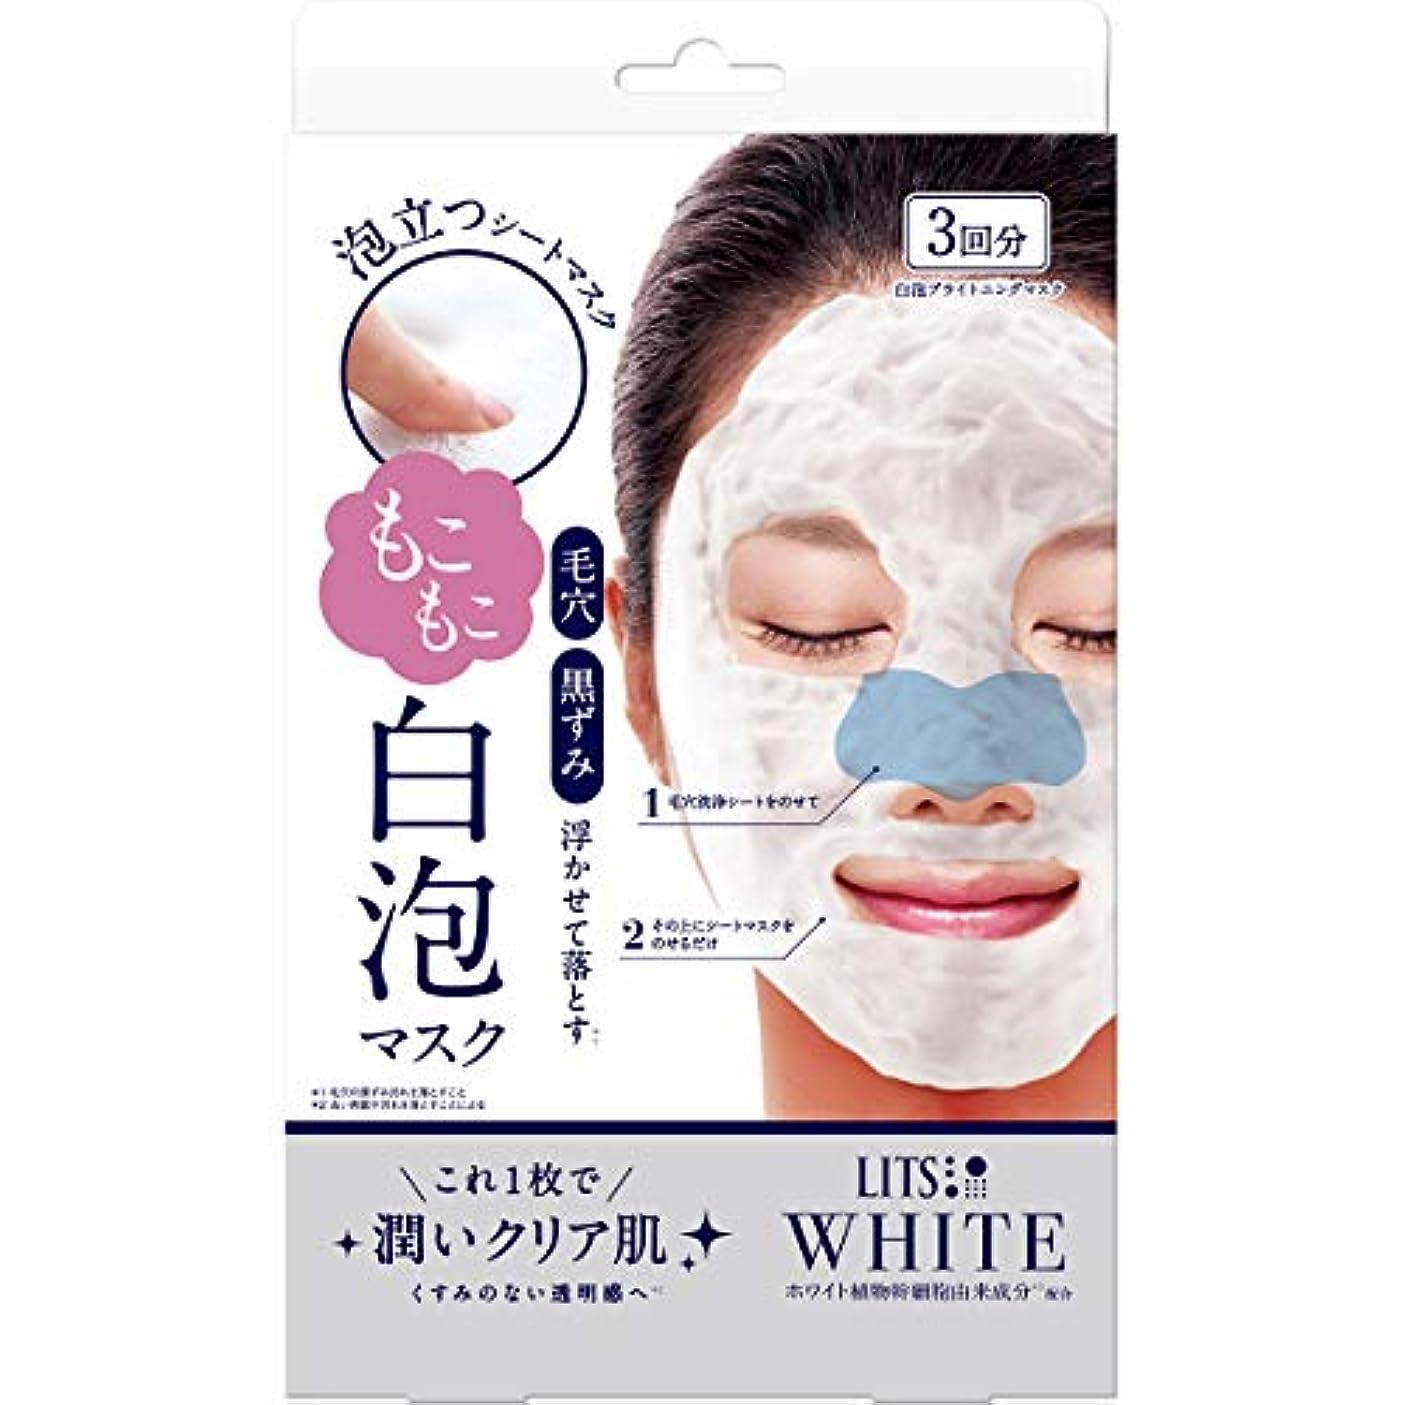 ビールヒューム太陽リッツ ホワイト もこもこ白泡マスク 3枚